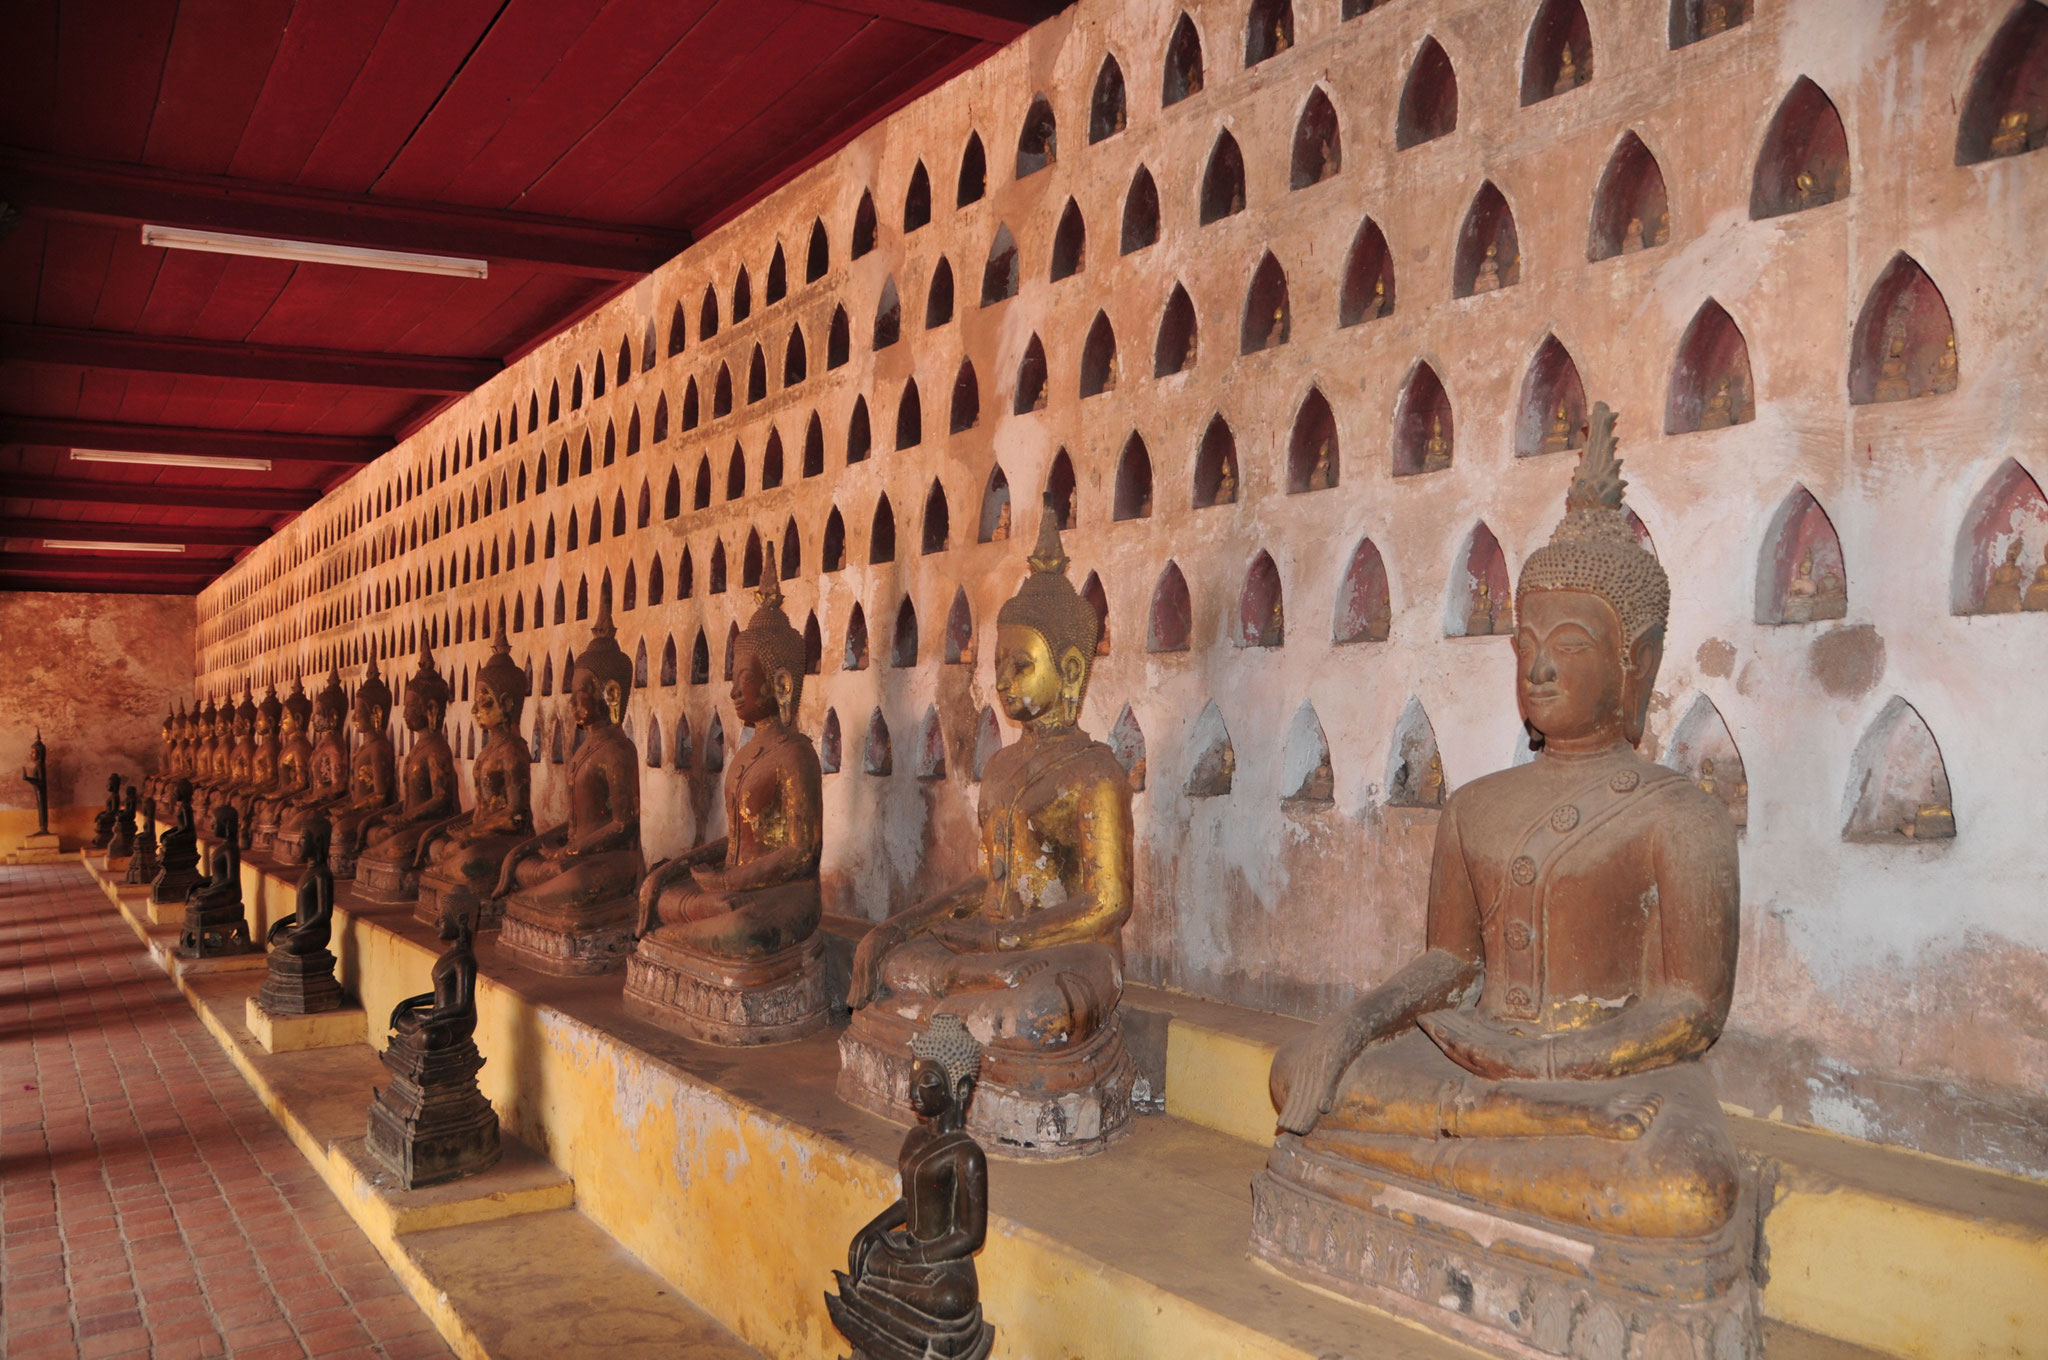 Tausende Miniatur Buddha Figuren sind hier Zuhause